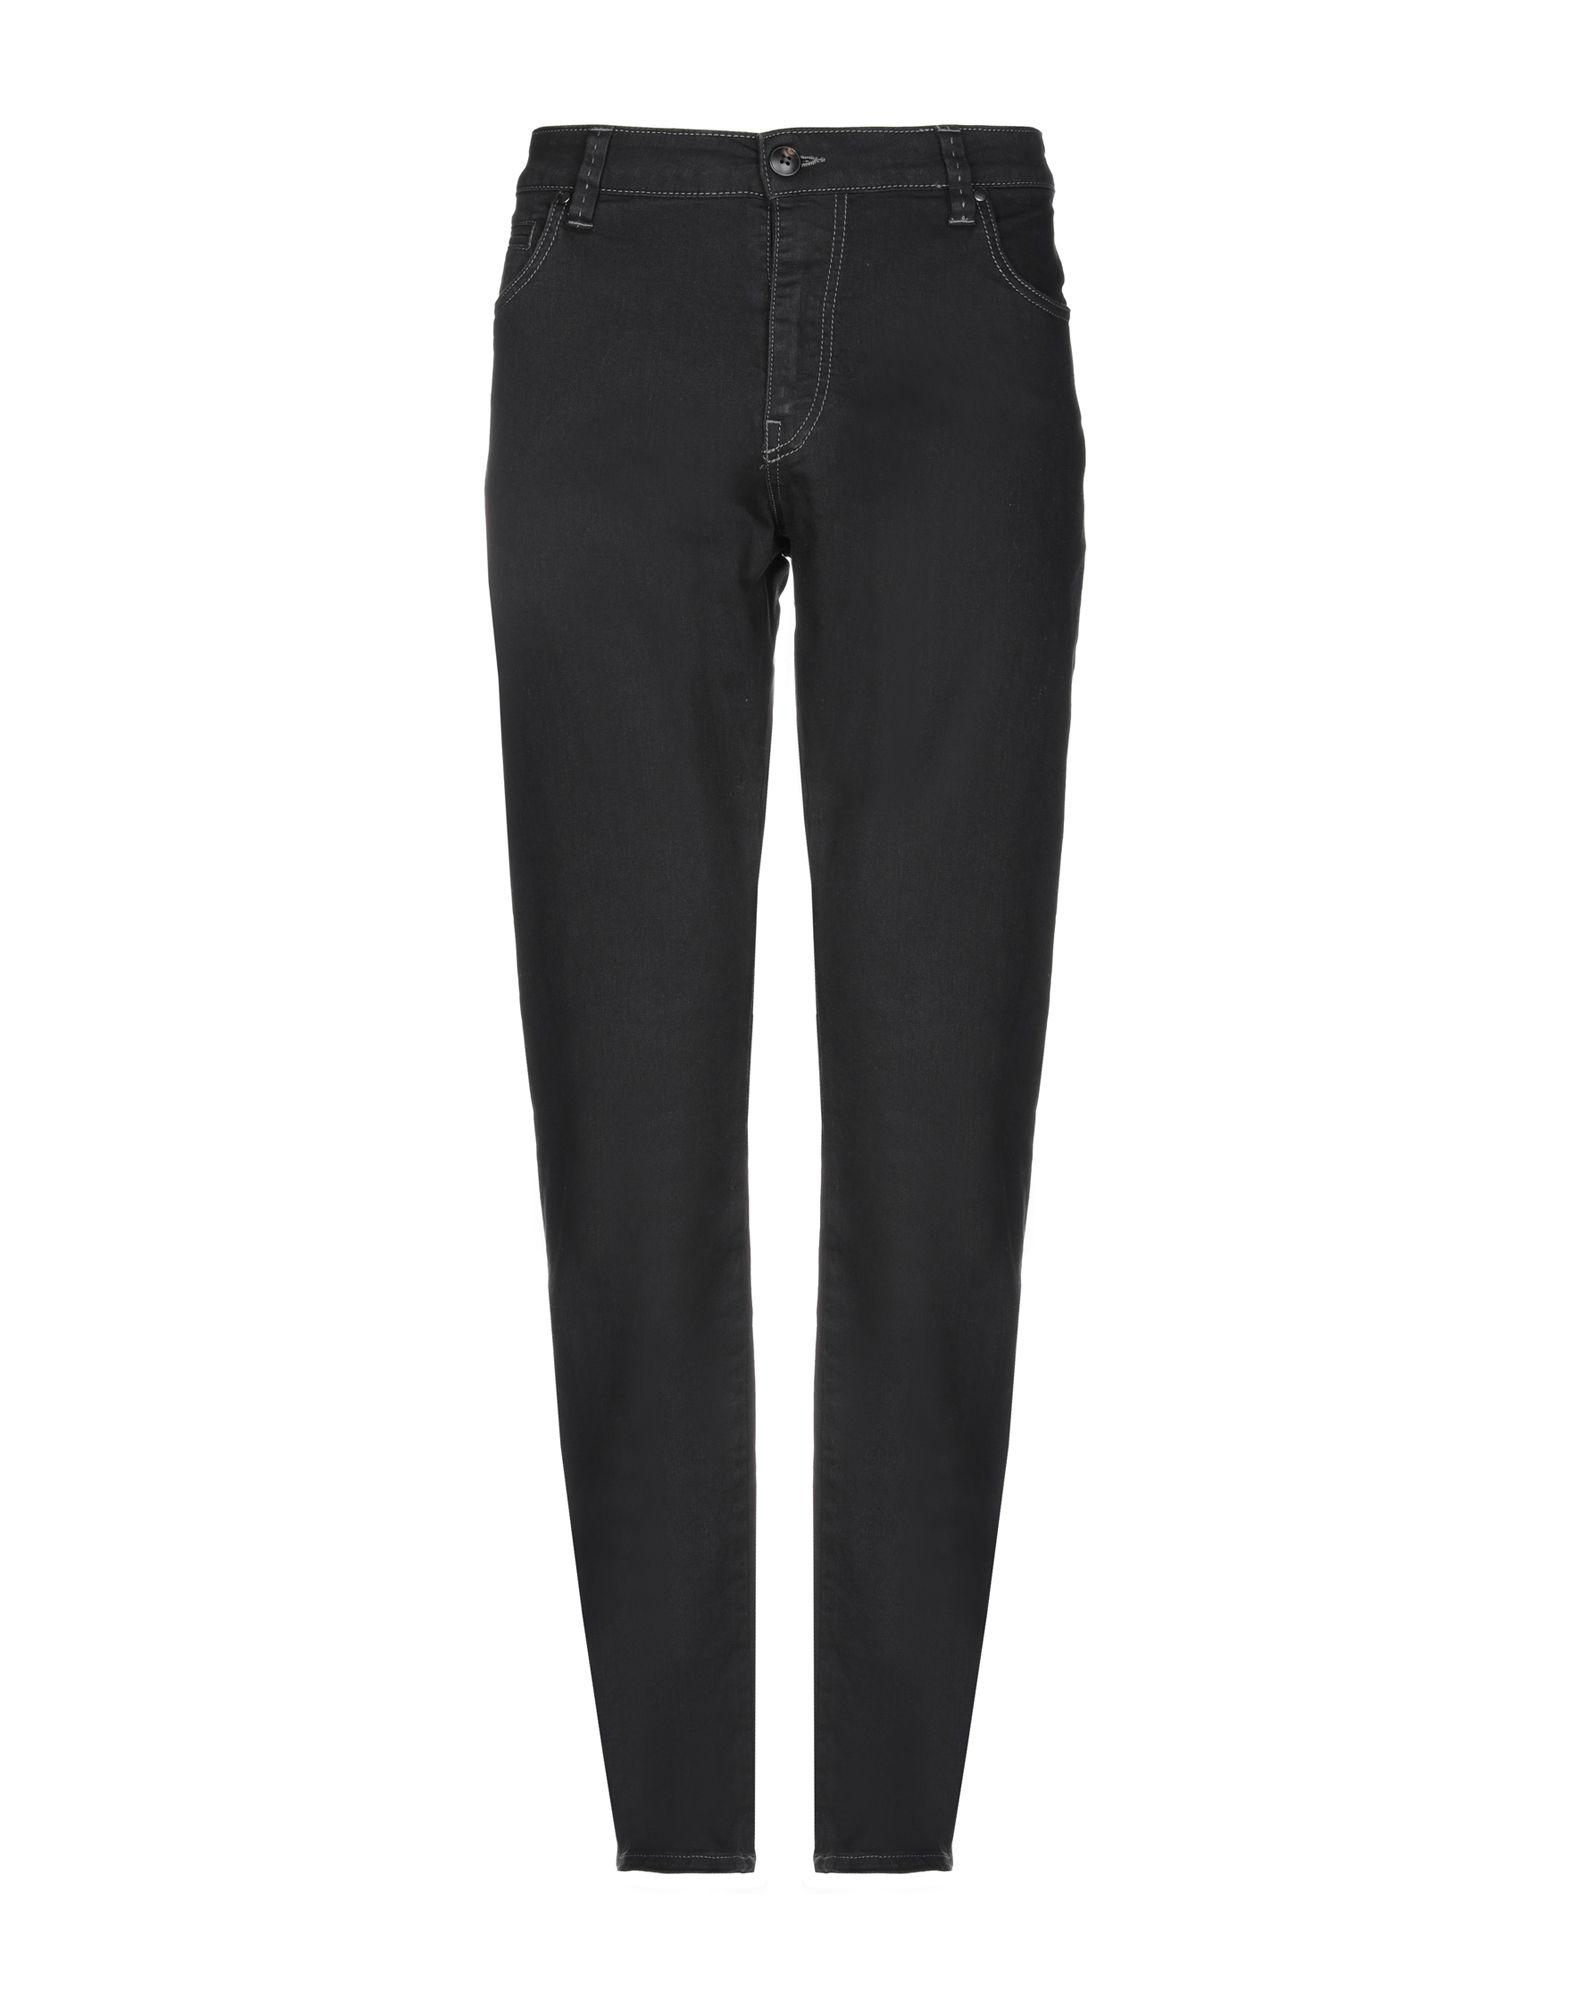 Фото - AIGUILLE NOIRE by PEUTEREY Джинсовые брюки aiguille noire by peuterey поло